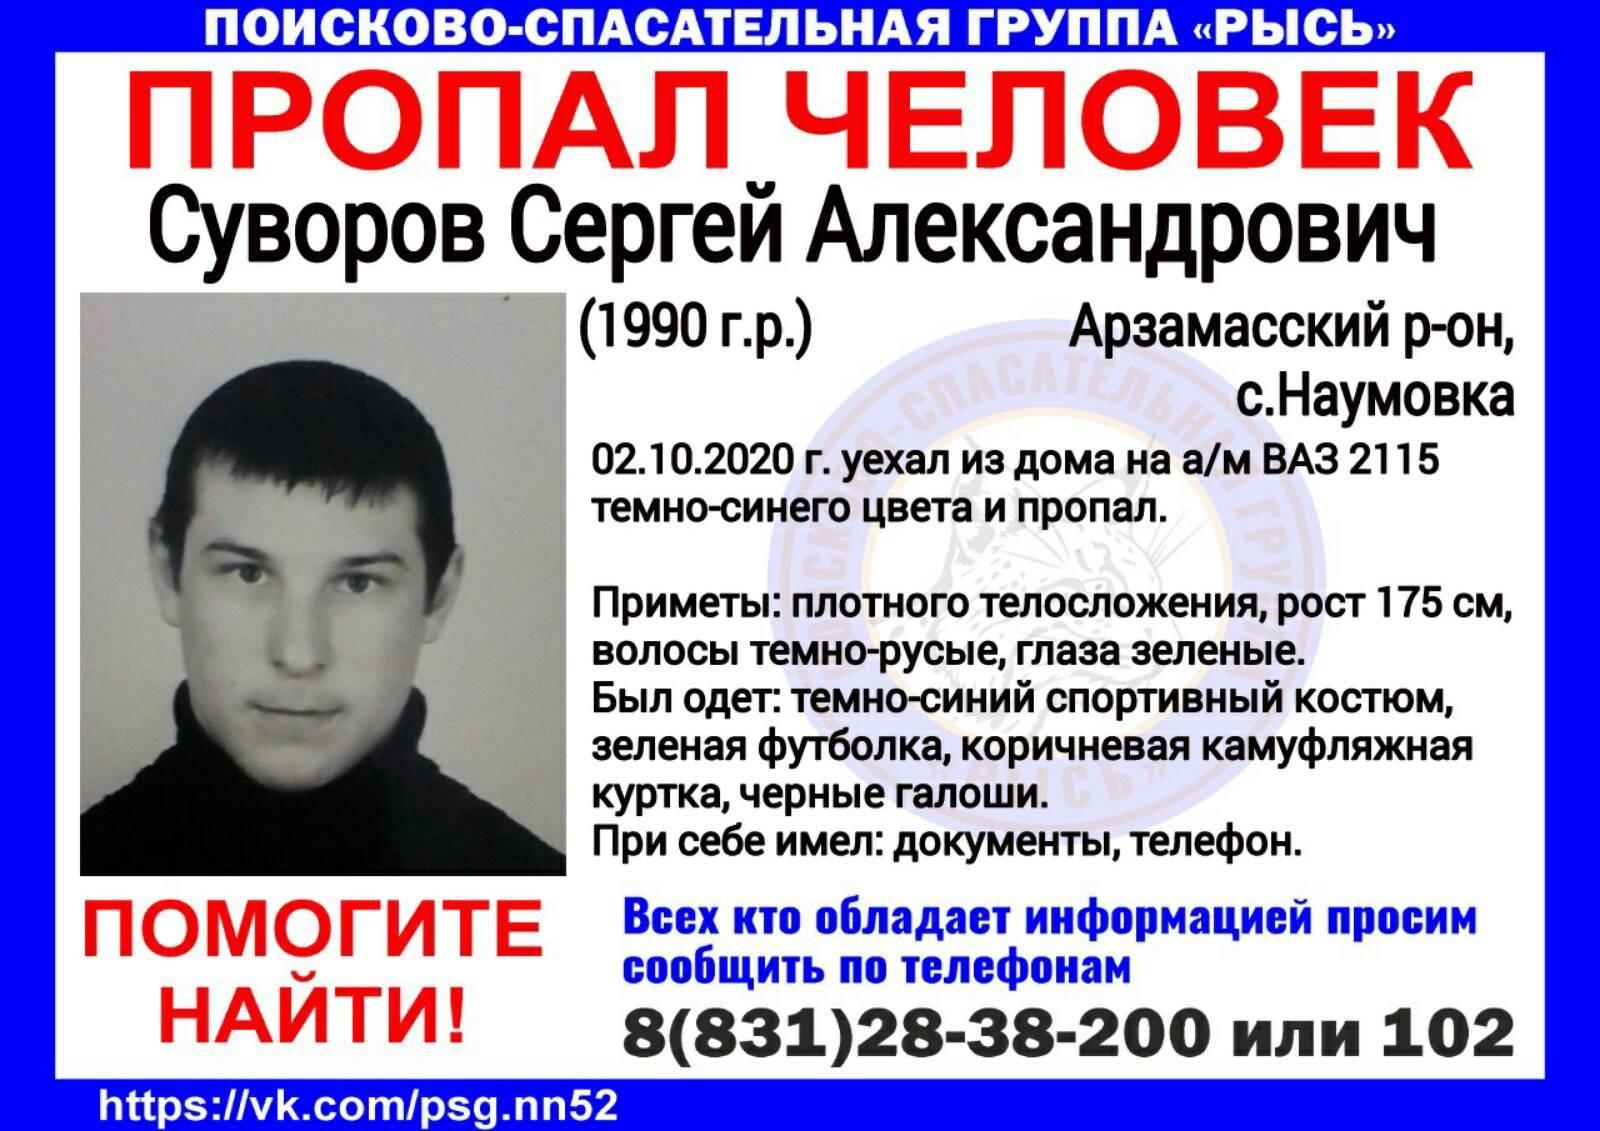 Суворов Сергей Александрович, 1990 г.р., Арзамасский р-он, с. Наумовка